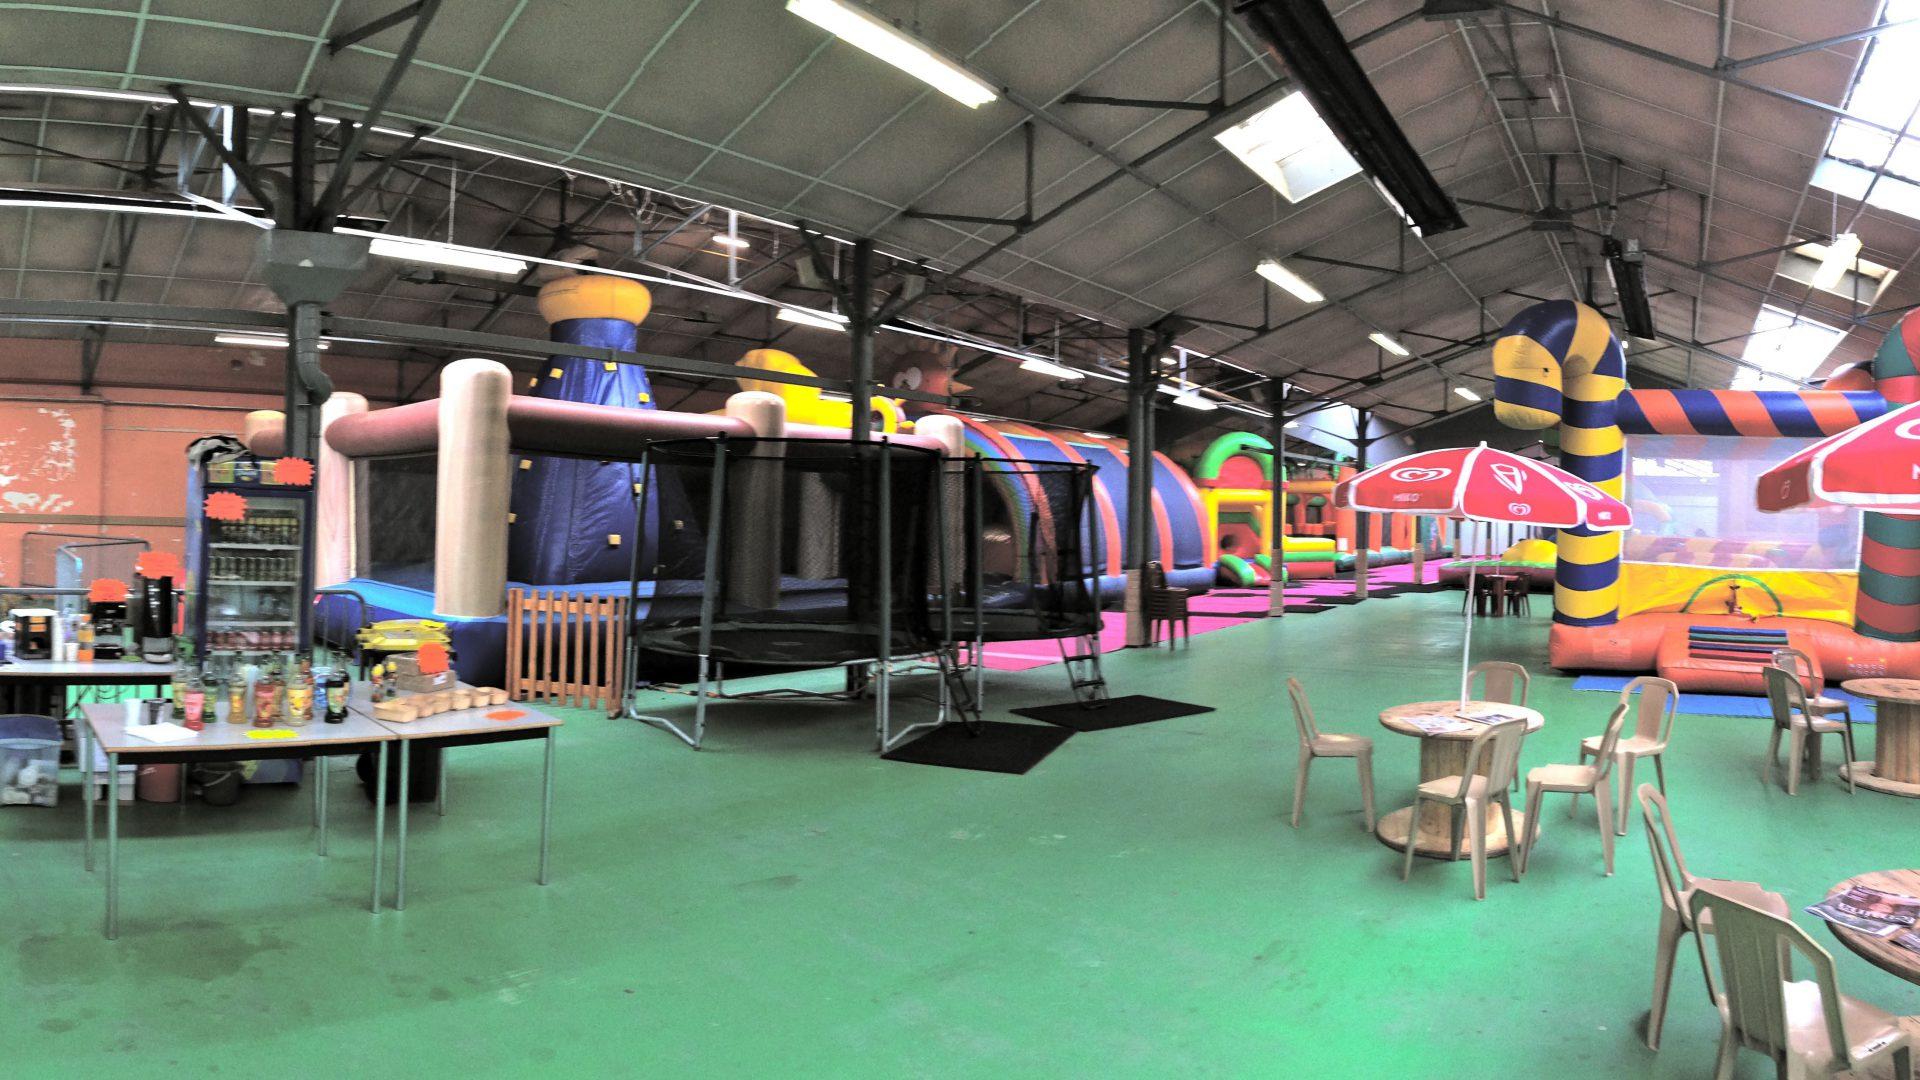 Parc de jeux Indoor